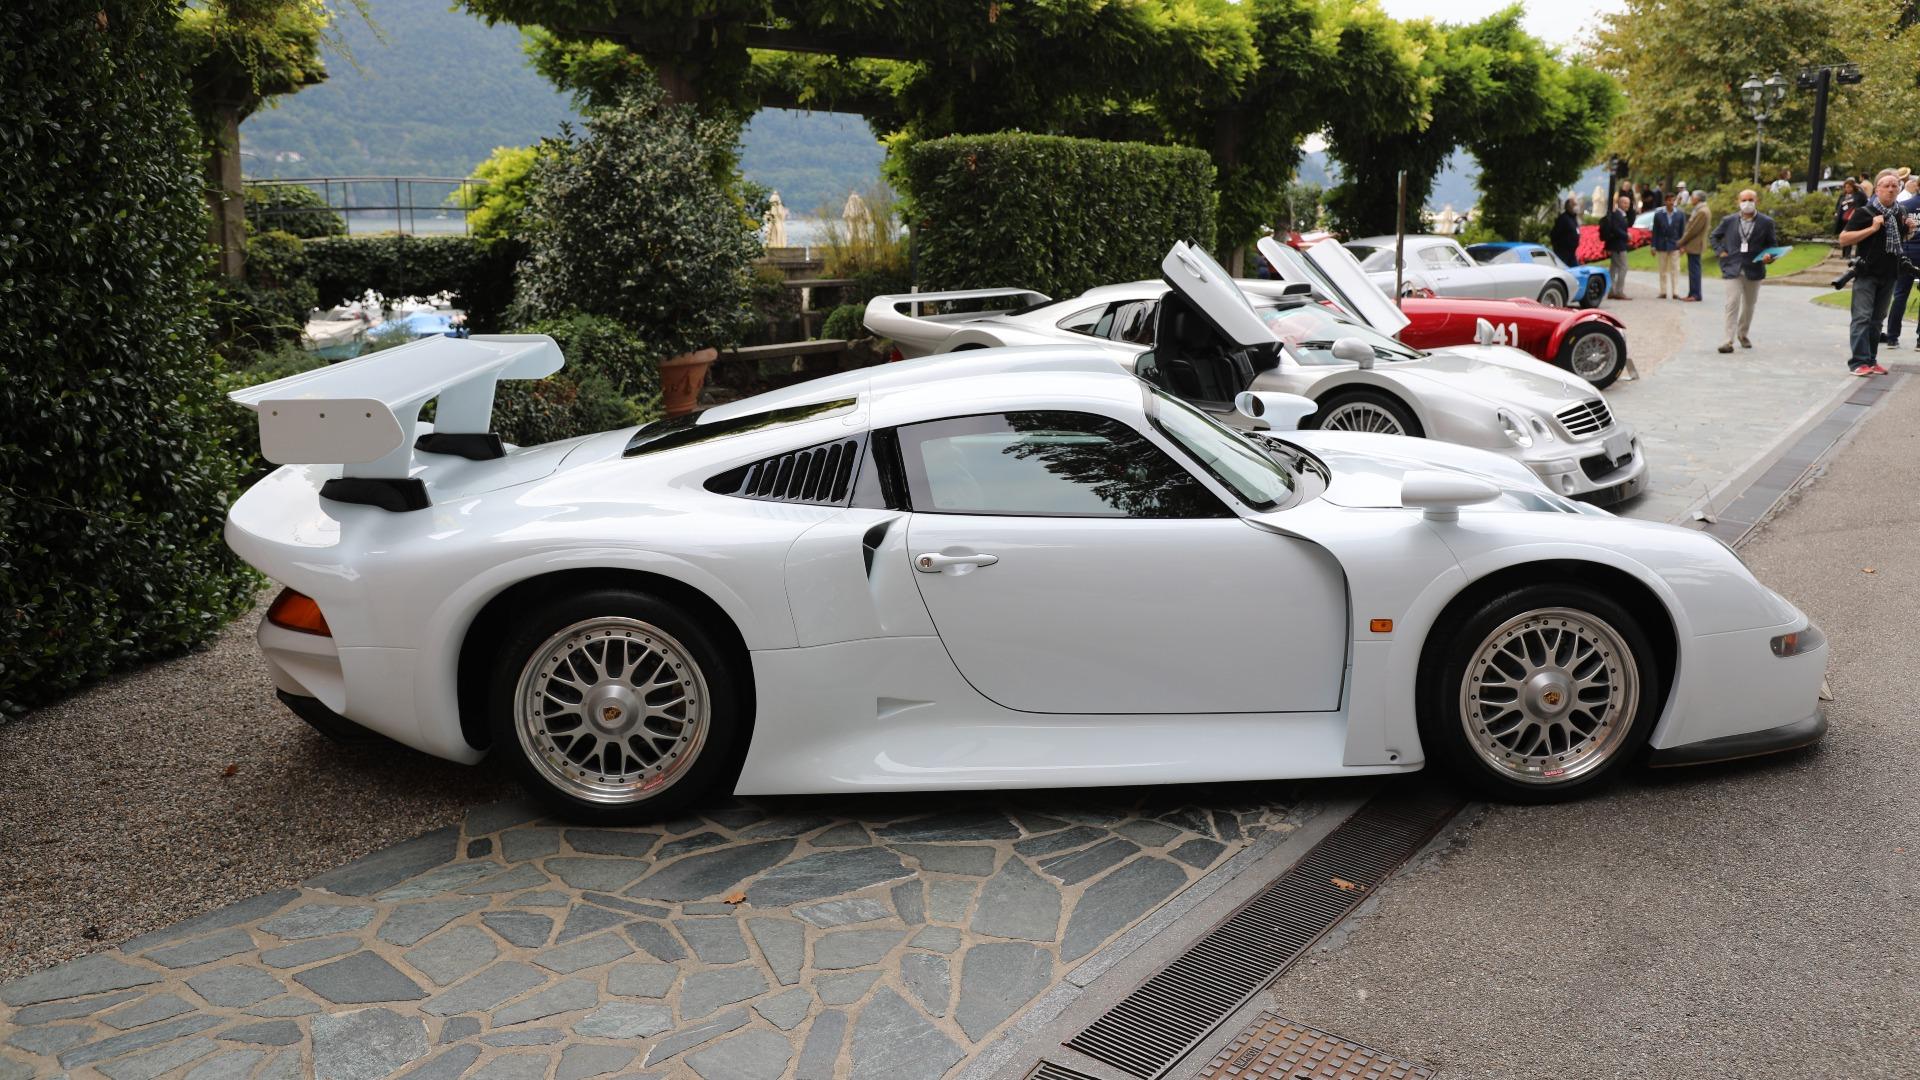 En 1996 Porsche 911 GT1, er noe av det sjeldneste man kan finne i Porsche-verdenen. Akkurat denne er enda sjeldnere, for dette er en av de to prototypene med 993-lys (gateversjonene fikk 996-lys).